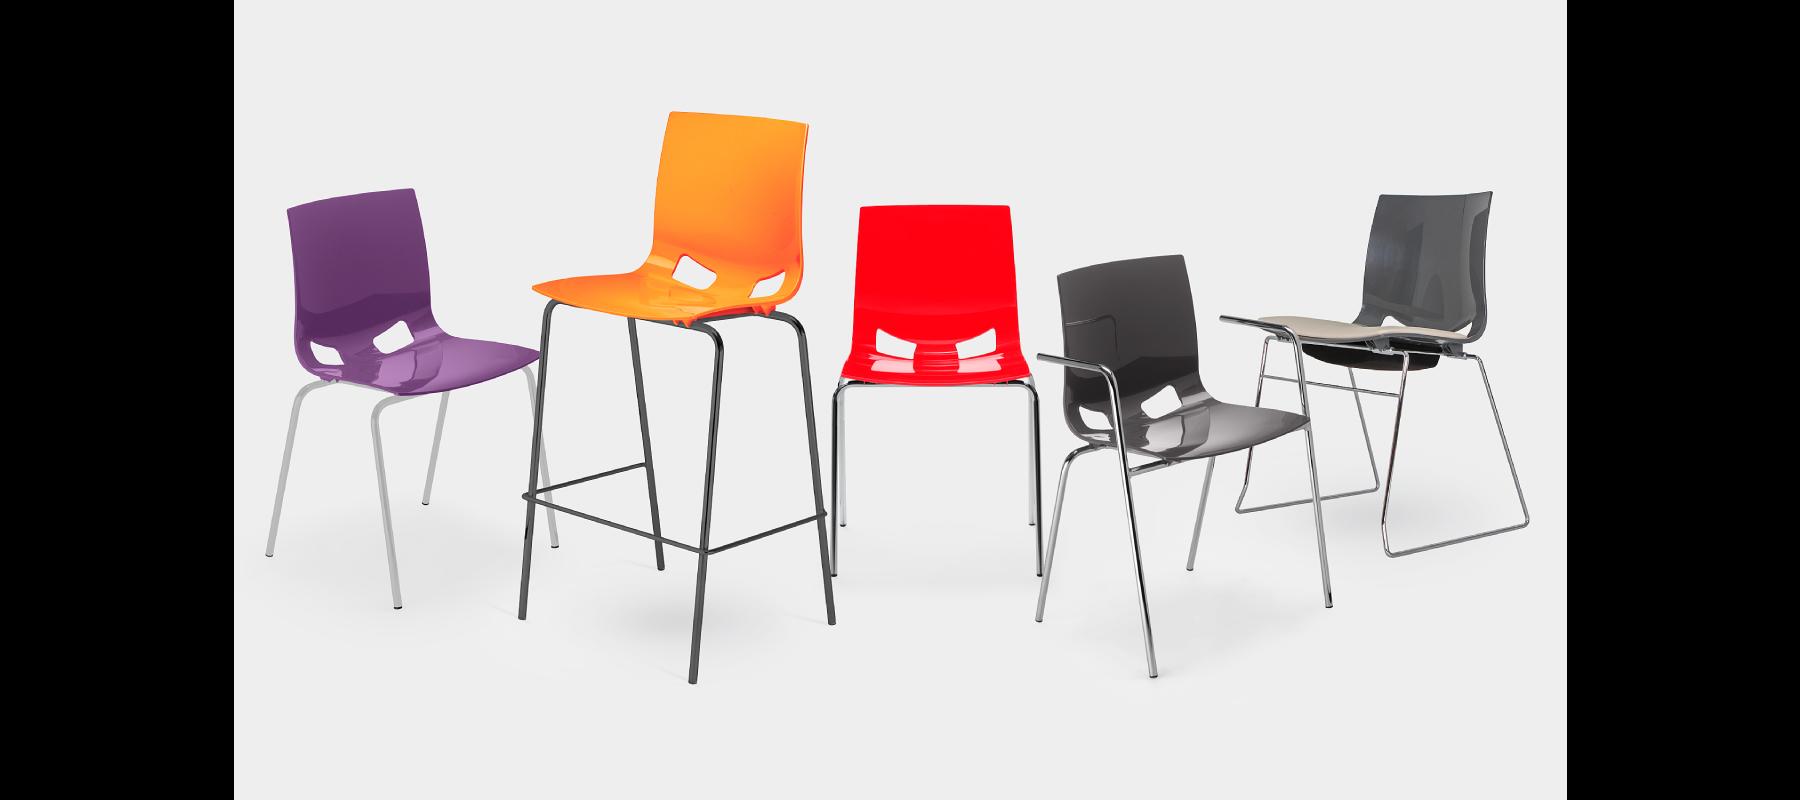 krzesła stacjonarne fondo aranżacje - 07